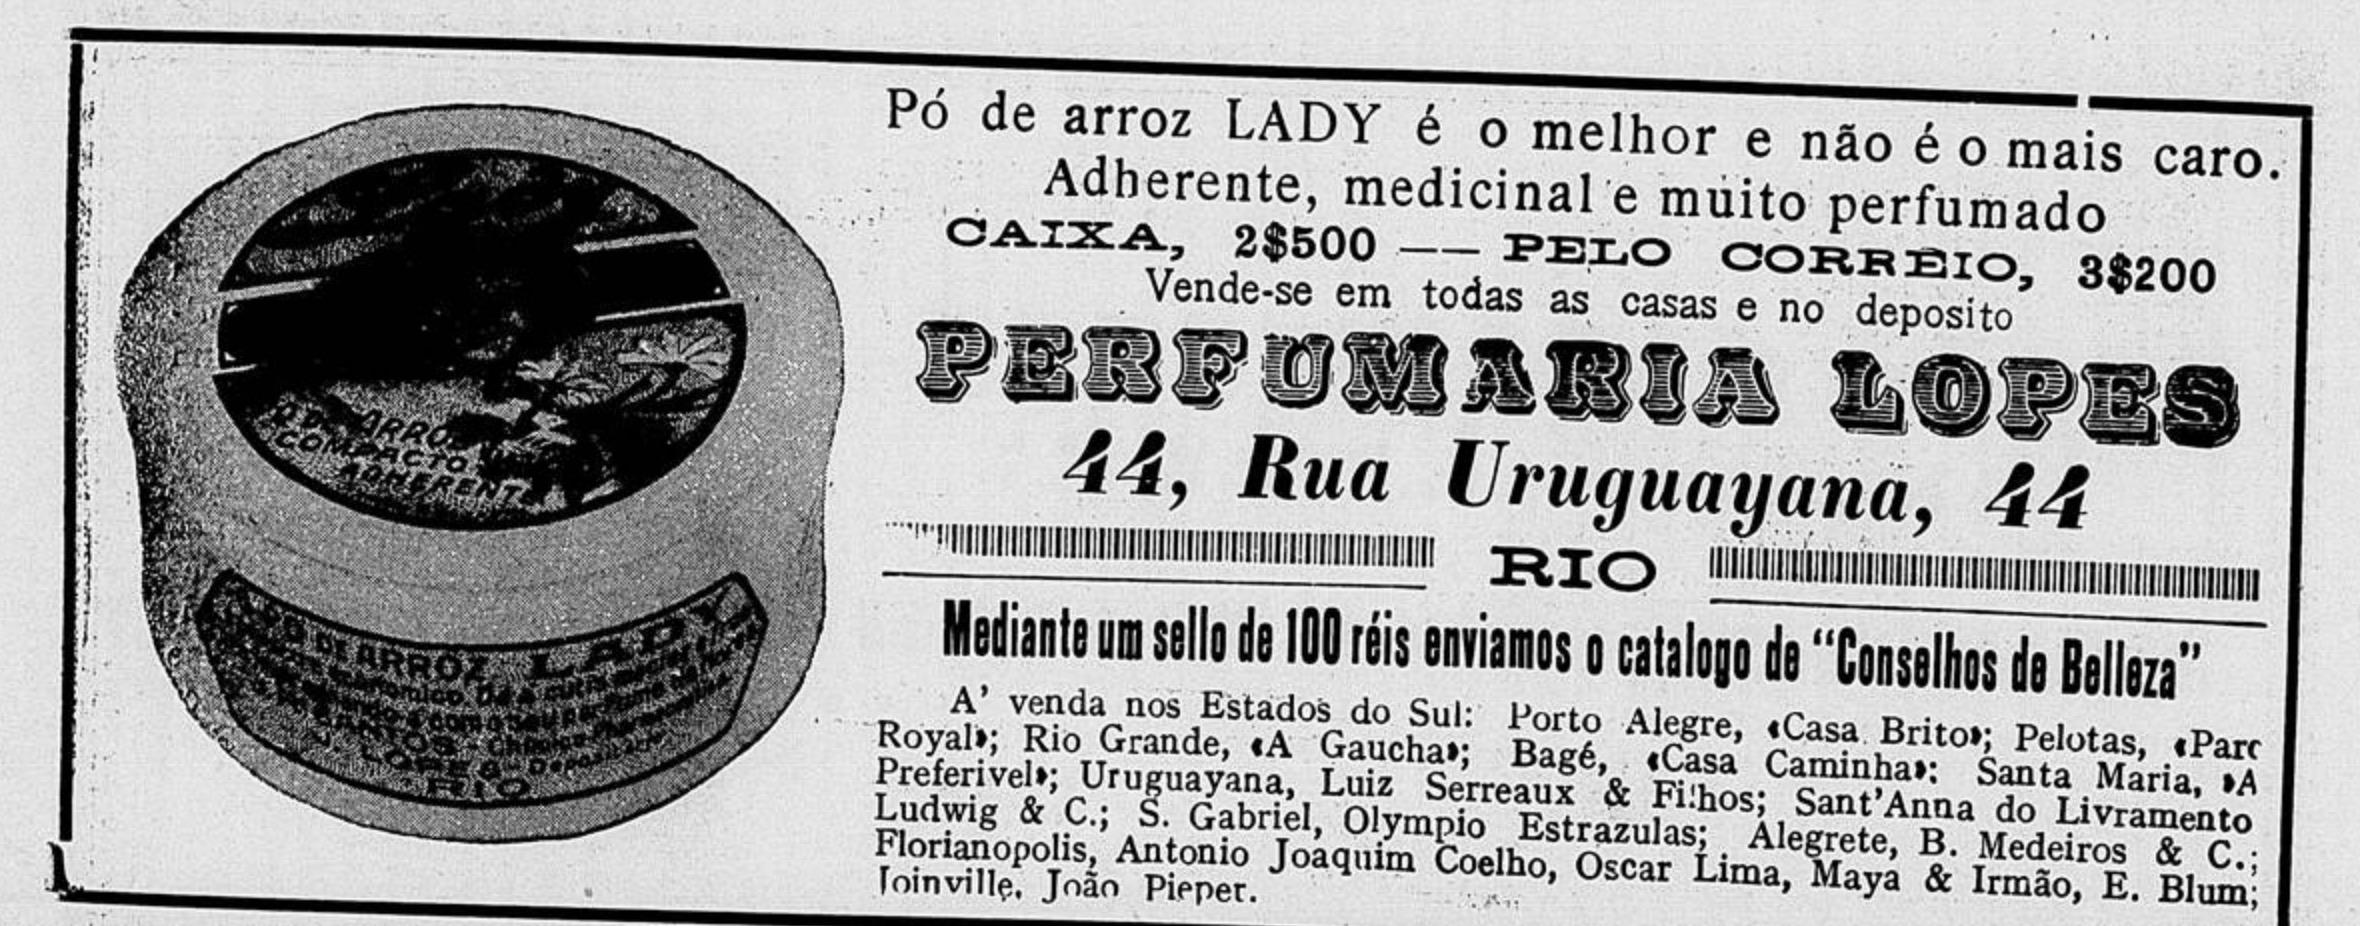 Propaganda veiculada em 1916 promovia produtos da Perfumaria Lopes